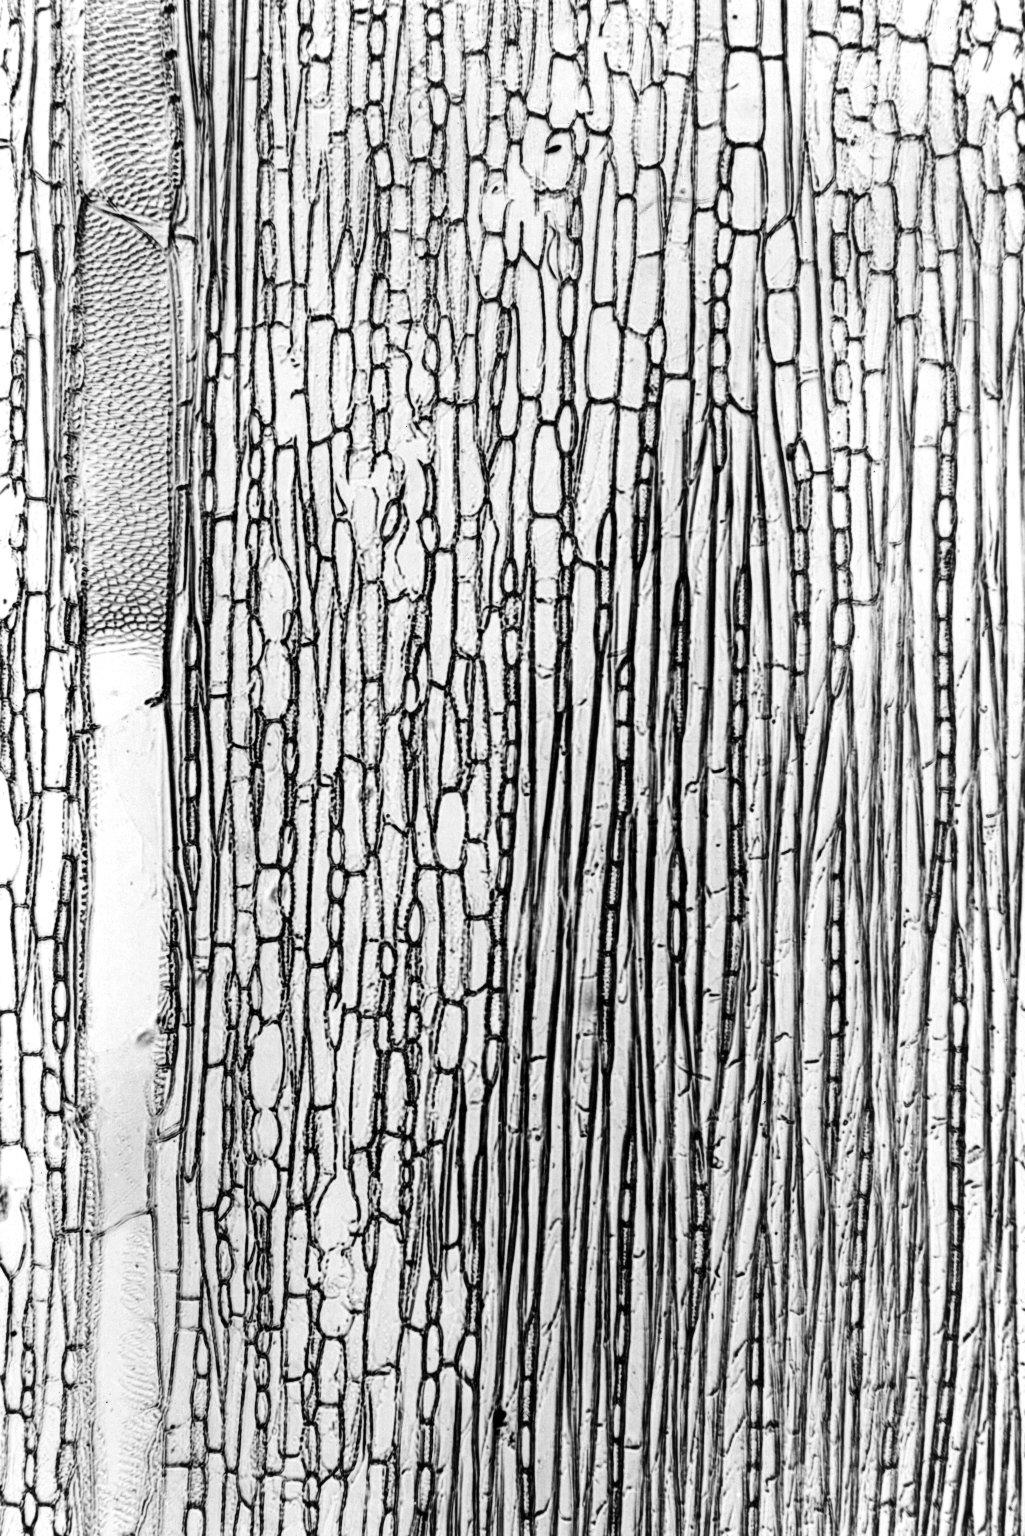 MELASTOMATACEAE Dichaetanthera cordifolia